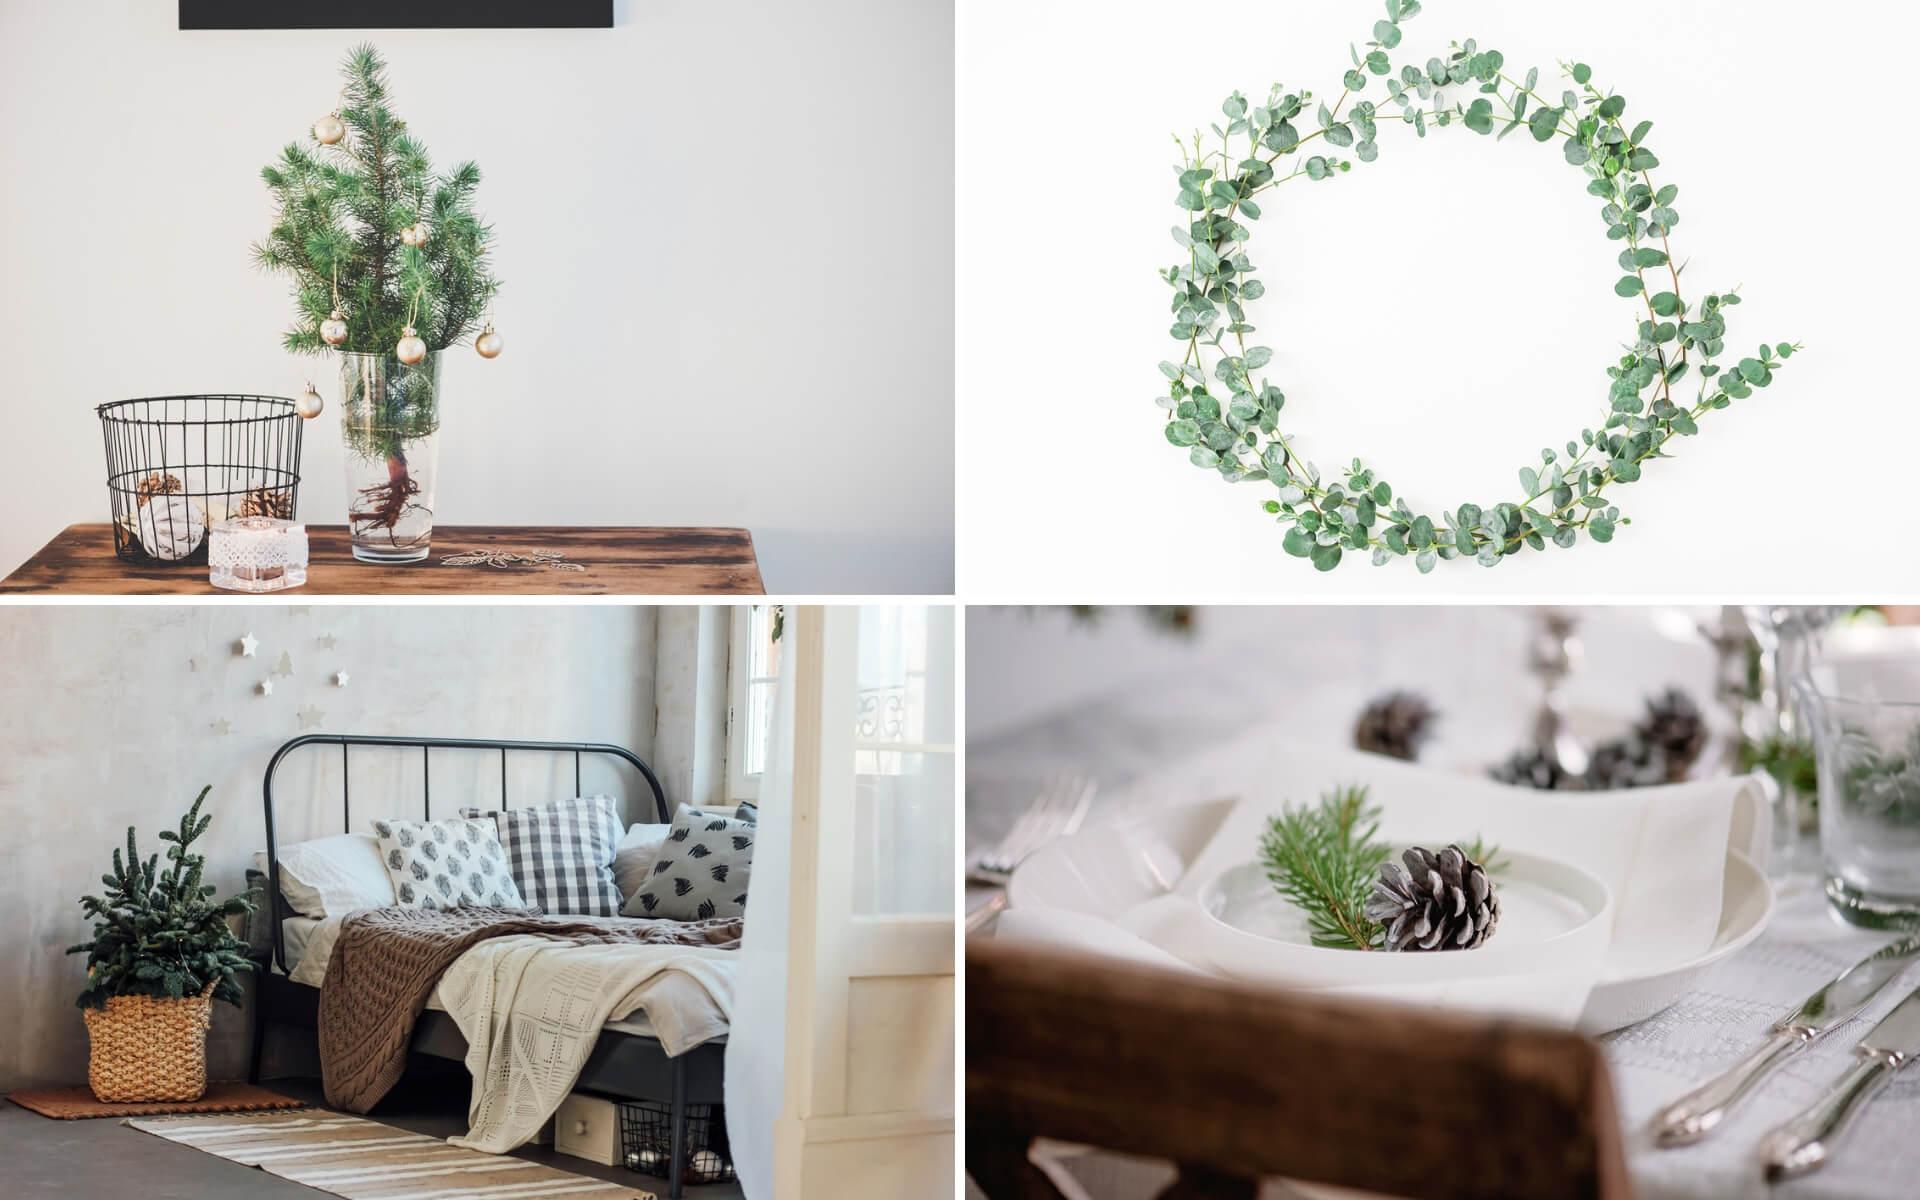 Come decorare la casa per natale fai da te blog oknoplast - Come decorare la casa per natale ...